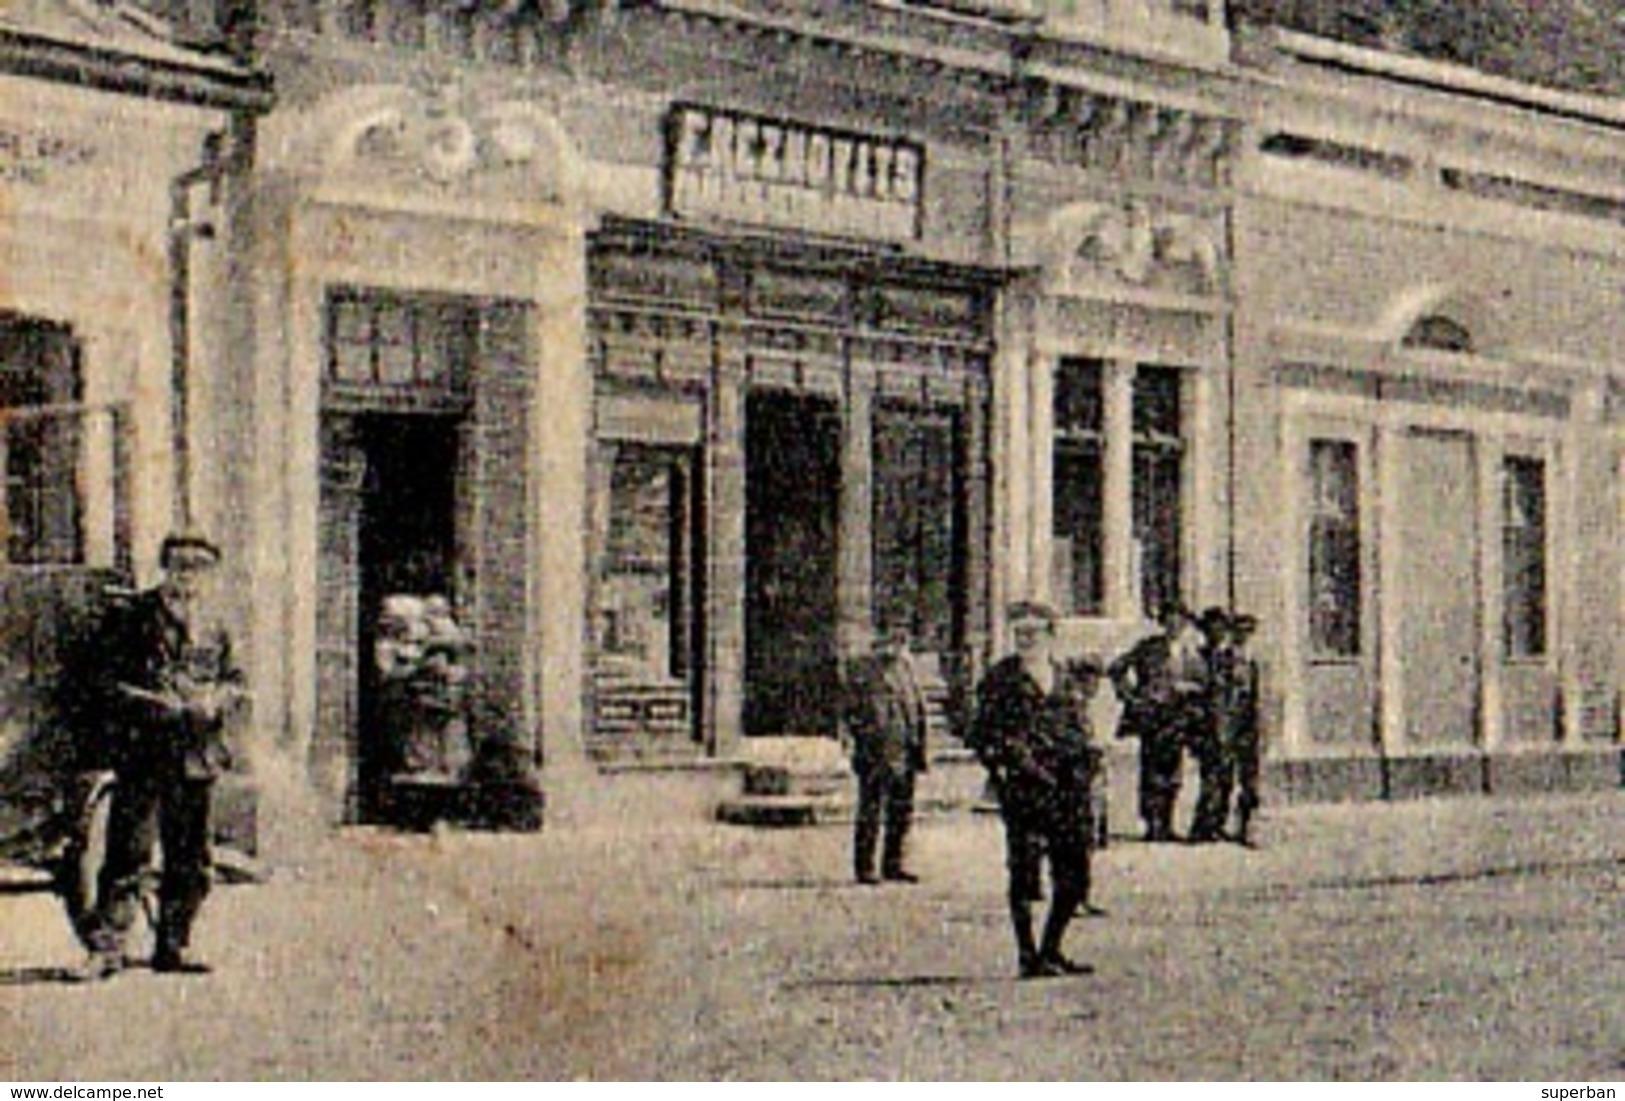 CRASNA / SALAJ : PIATA REGINA MARIA - COMMERCE : F. REZNOVITS [ JUDAÏCA ] - ANNÉE / YEAR : 1928 (ac900) - Roumanie